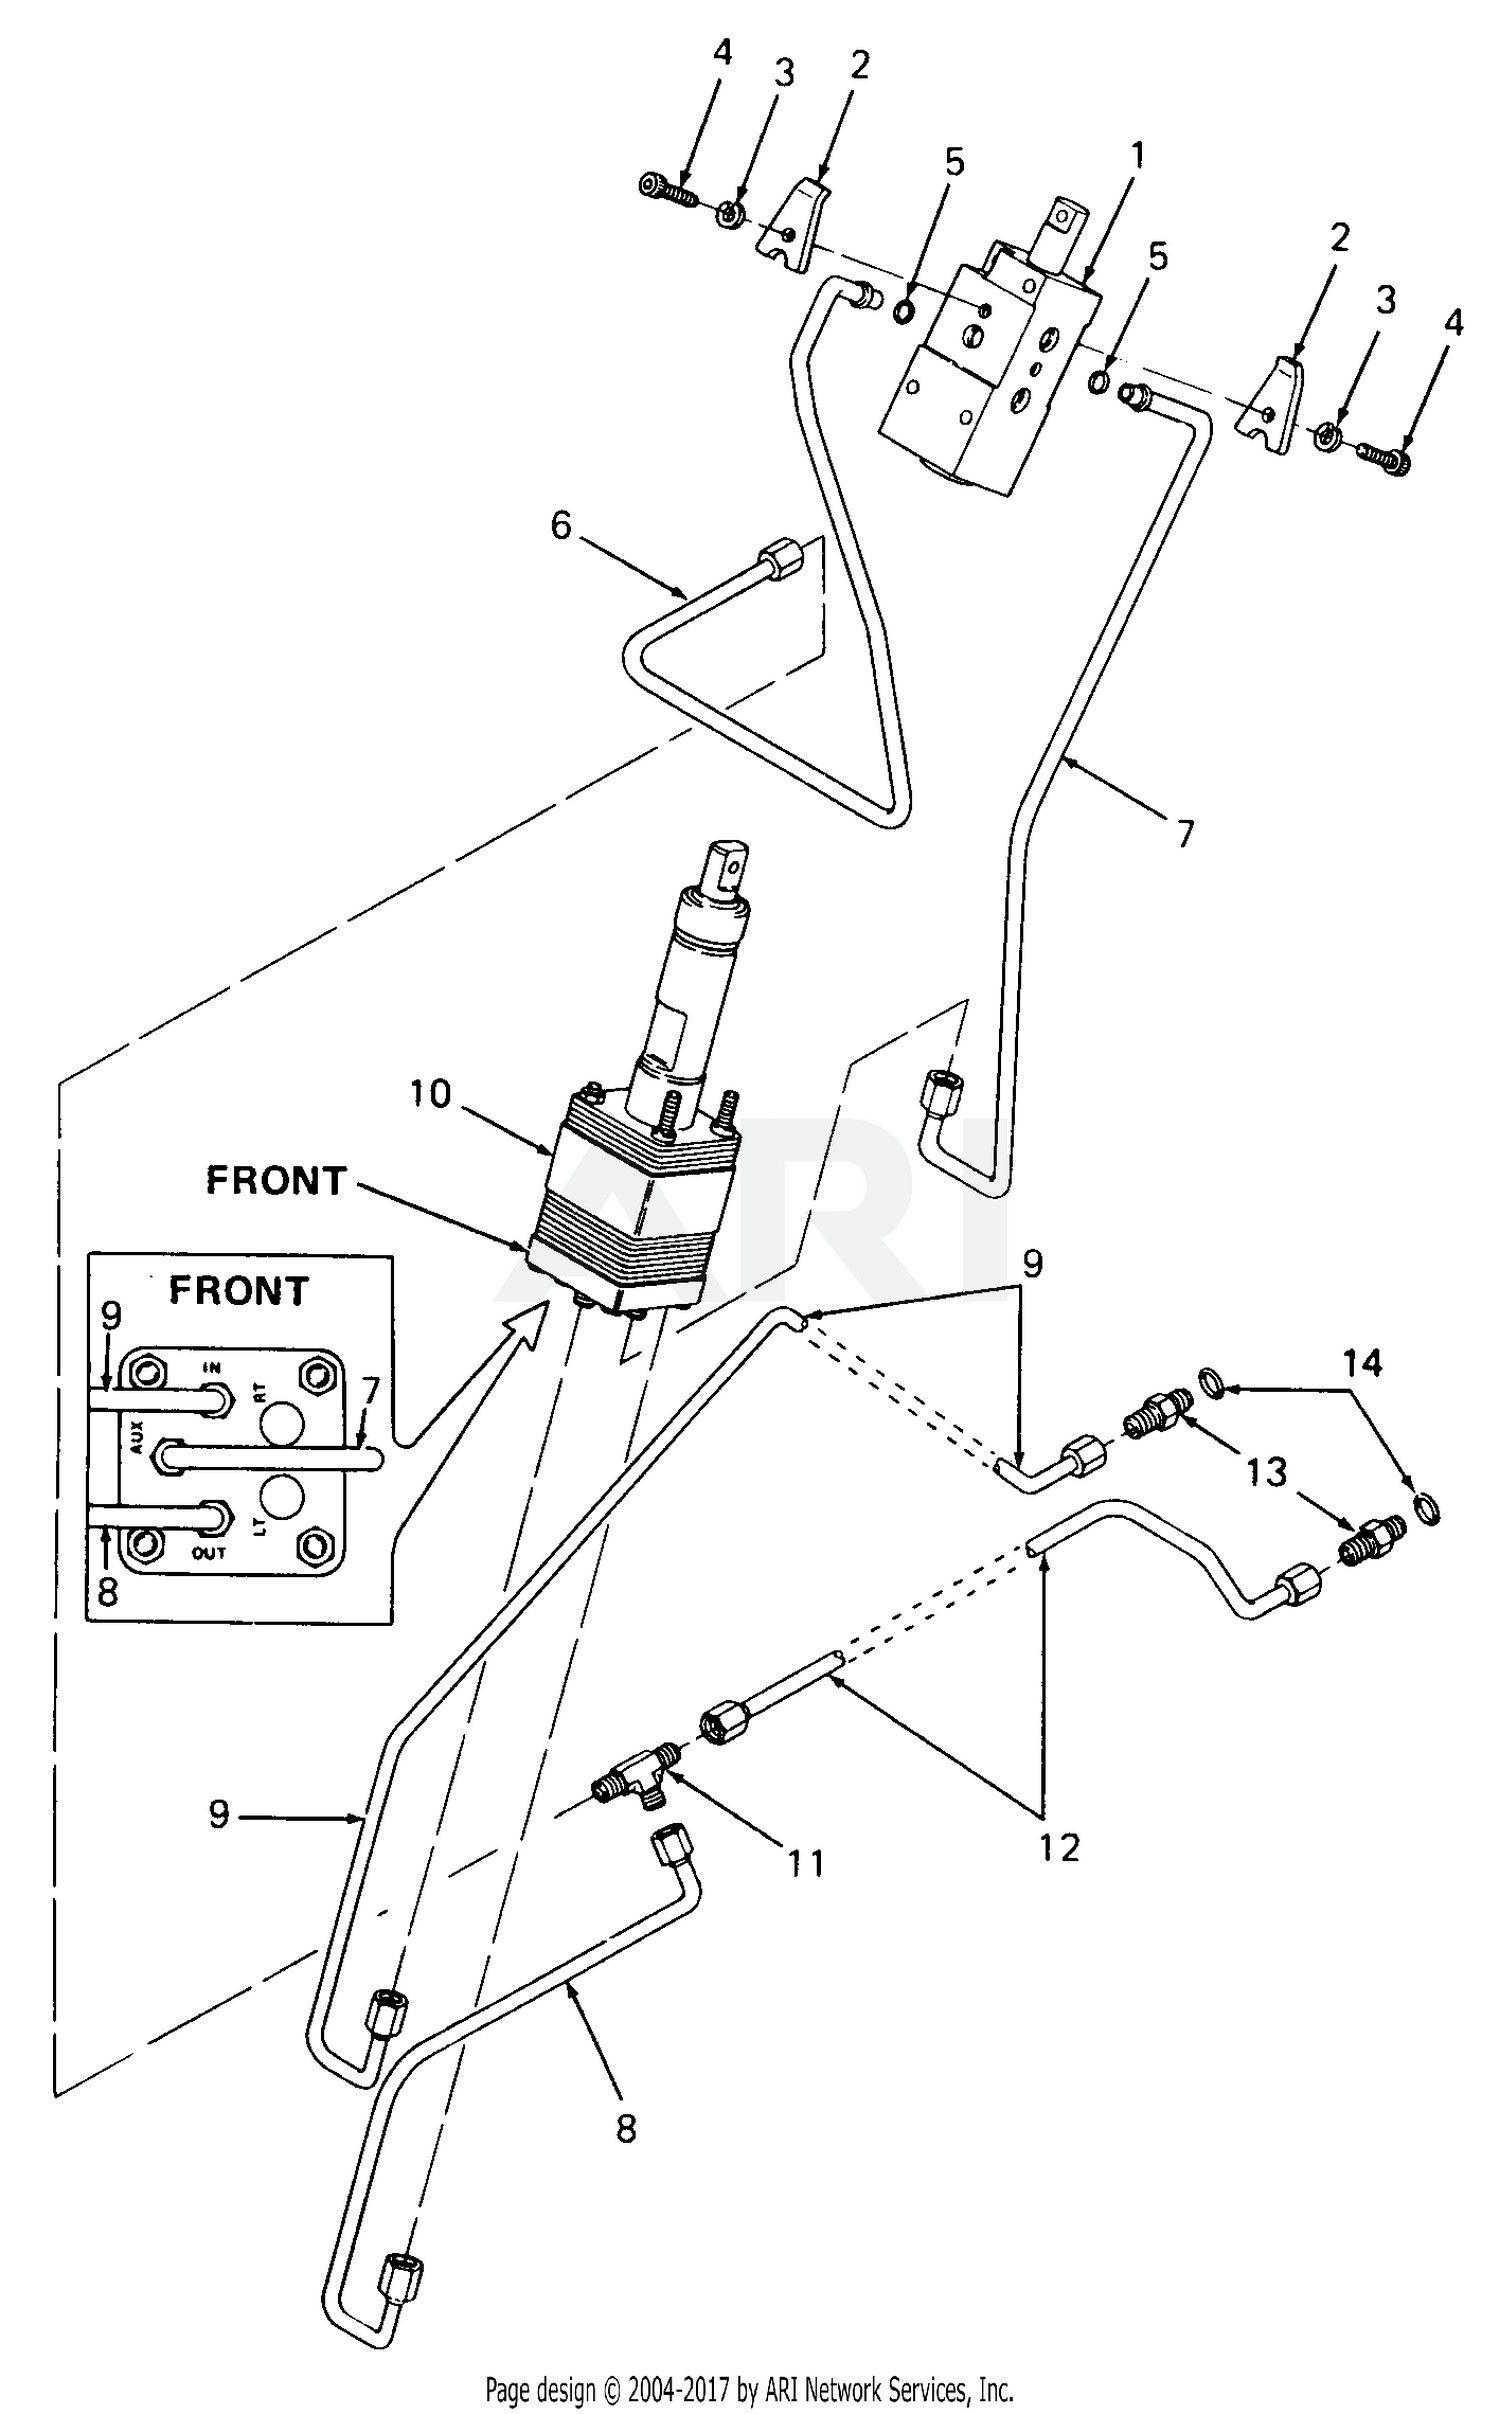 [DIAGRAM] Headlight Diagram For 2000 Mazda 626